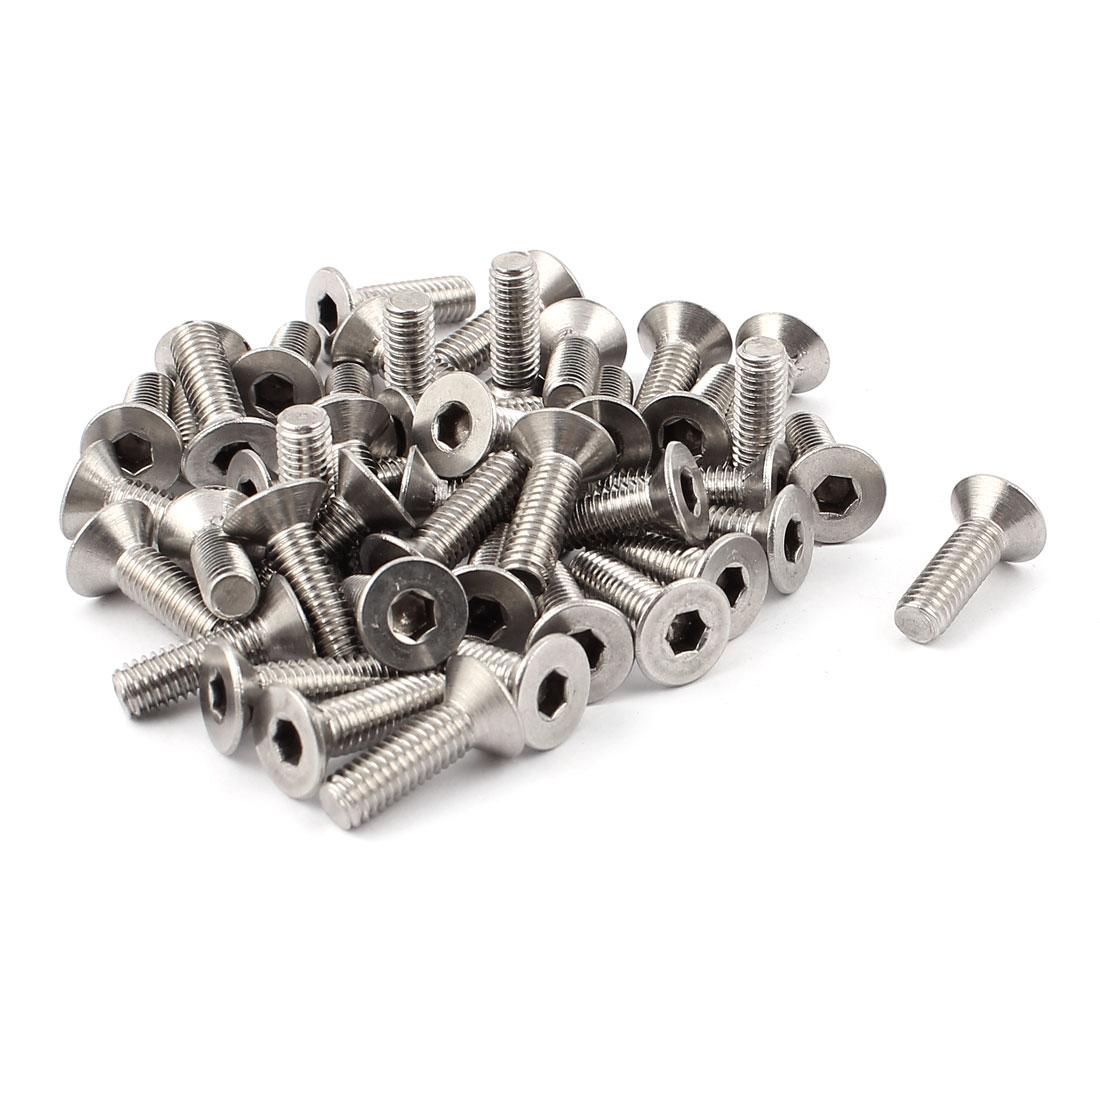 45pcs M6x15mmx20mm Hex Drive Socket Stainless Steel Countersunk Flat Head Screws Bolts Nuts Fasteners